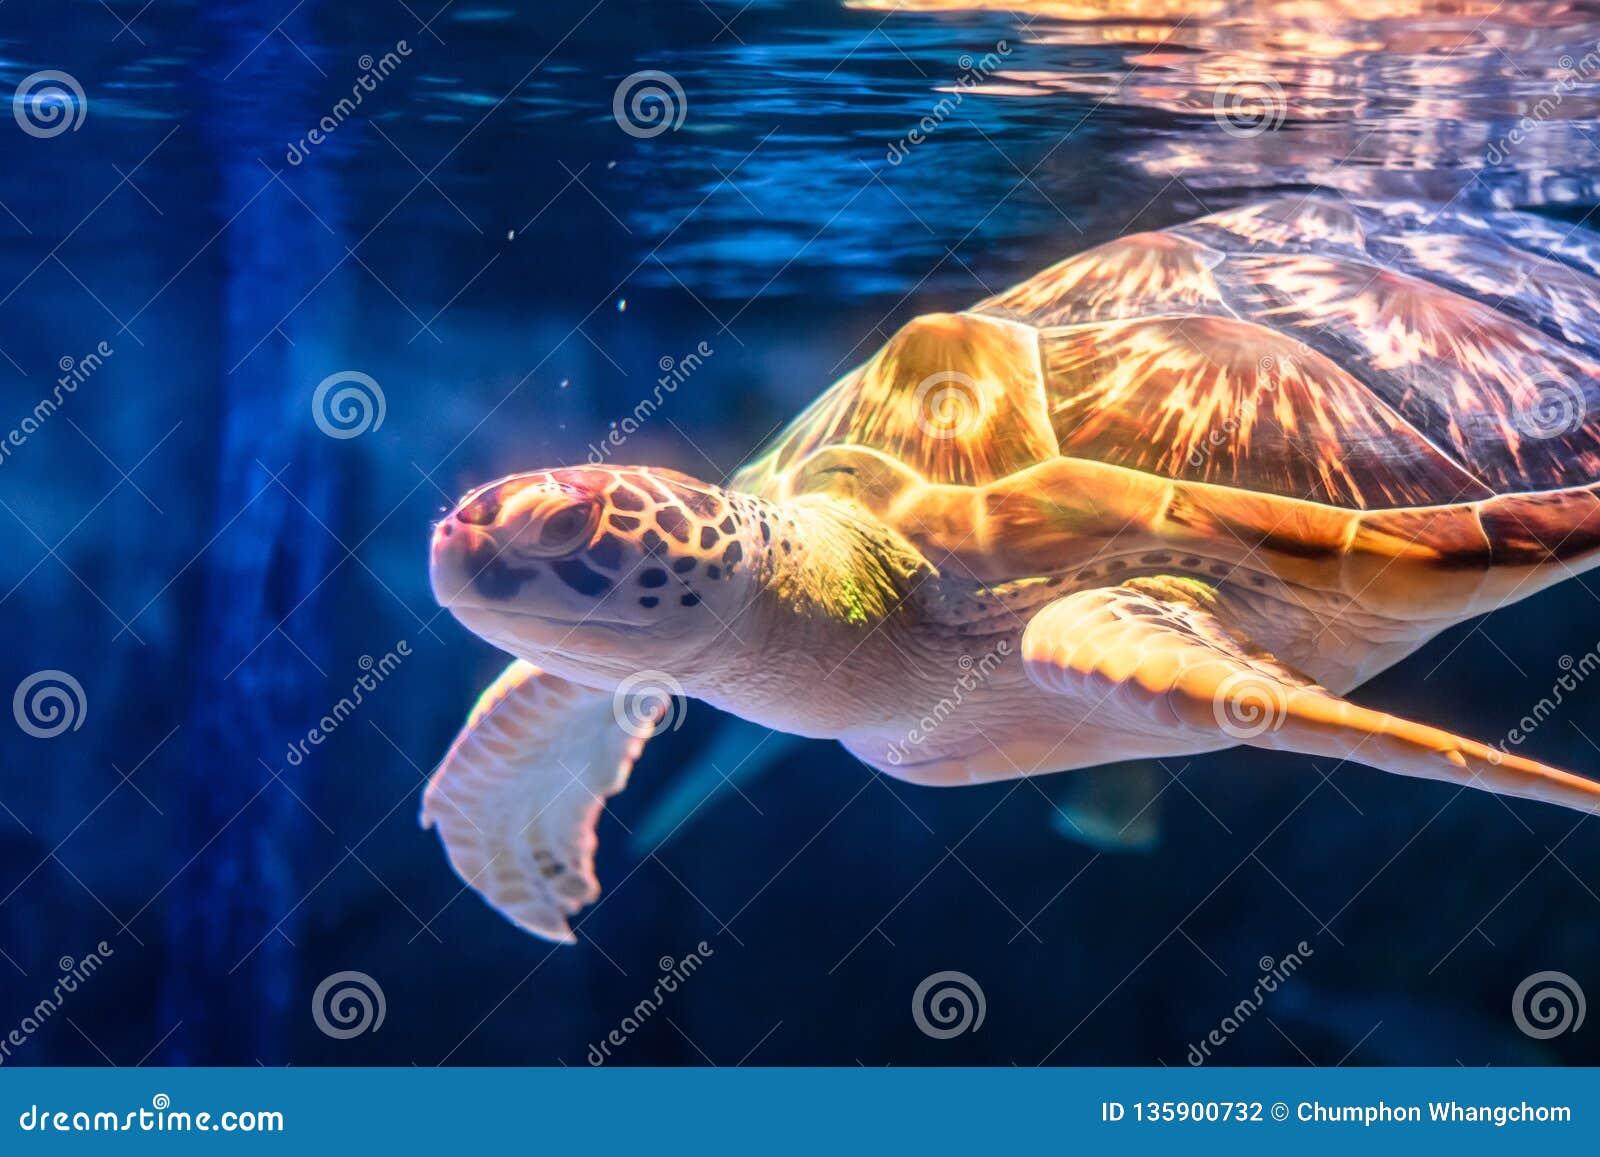 海龟游泳在水下的背景中 草龟在海背景中